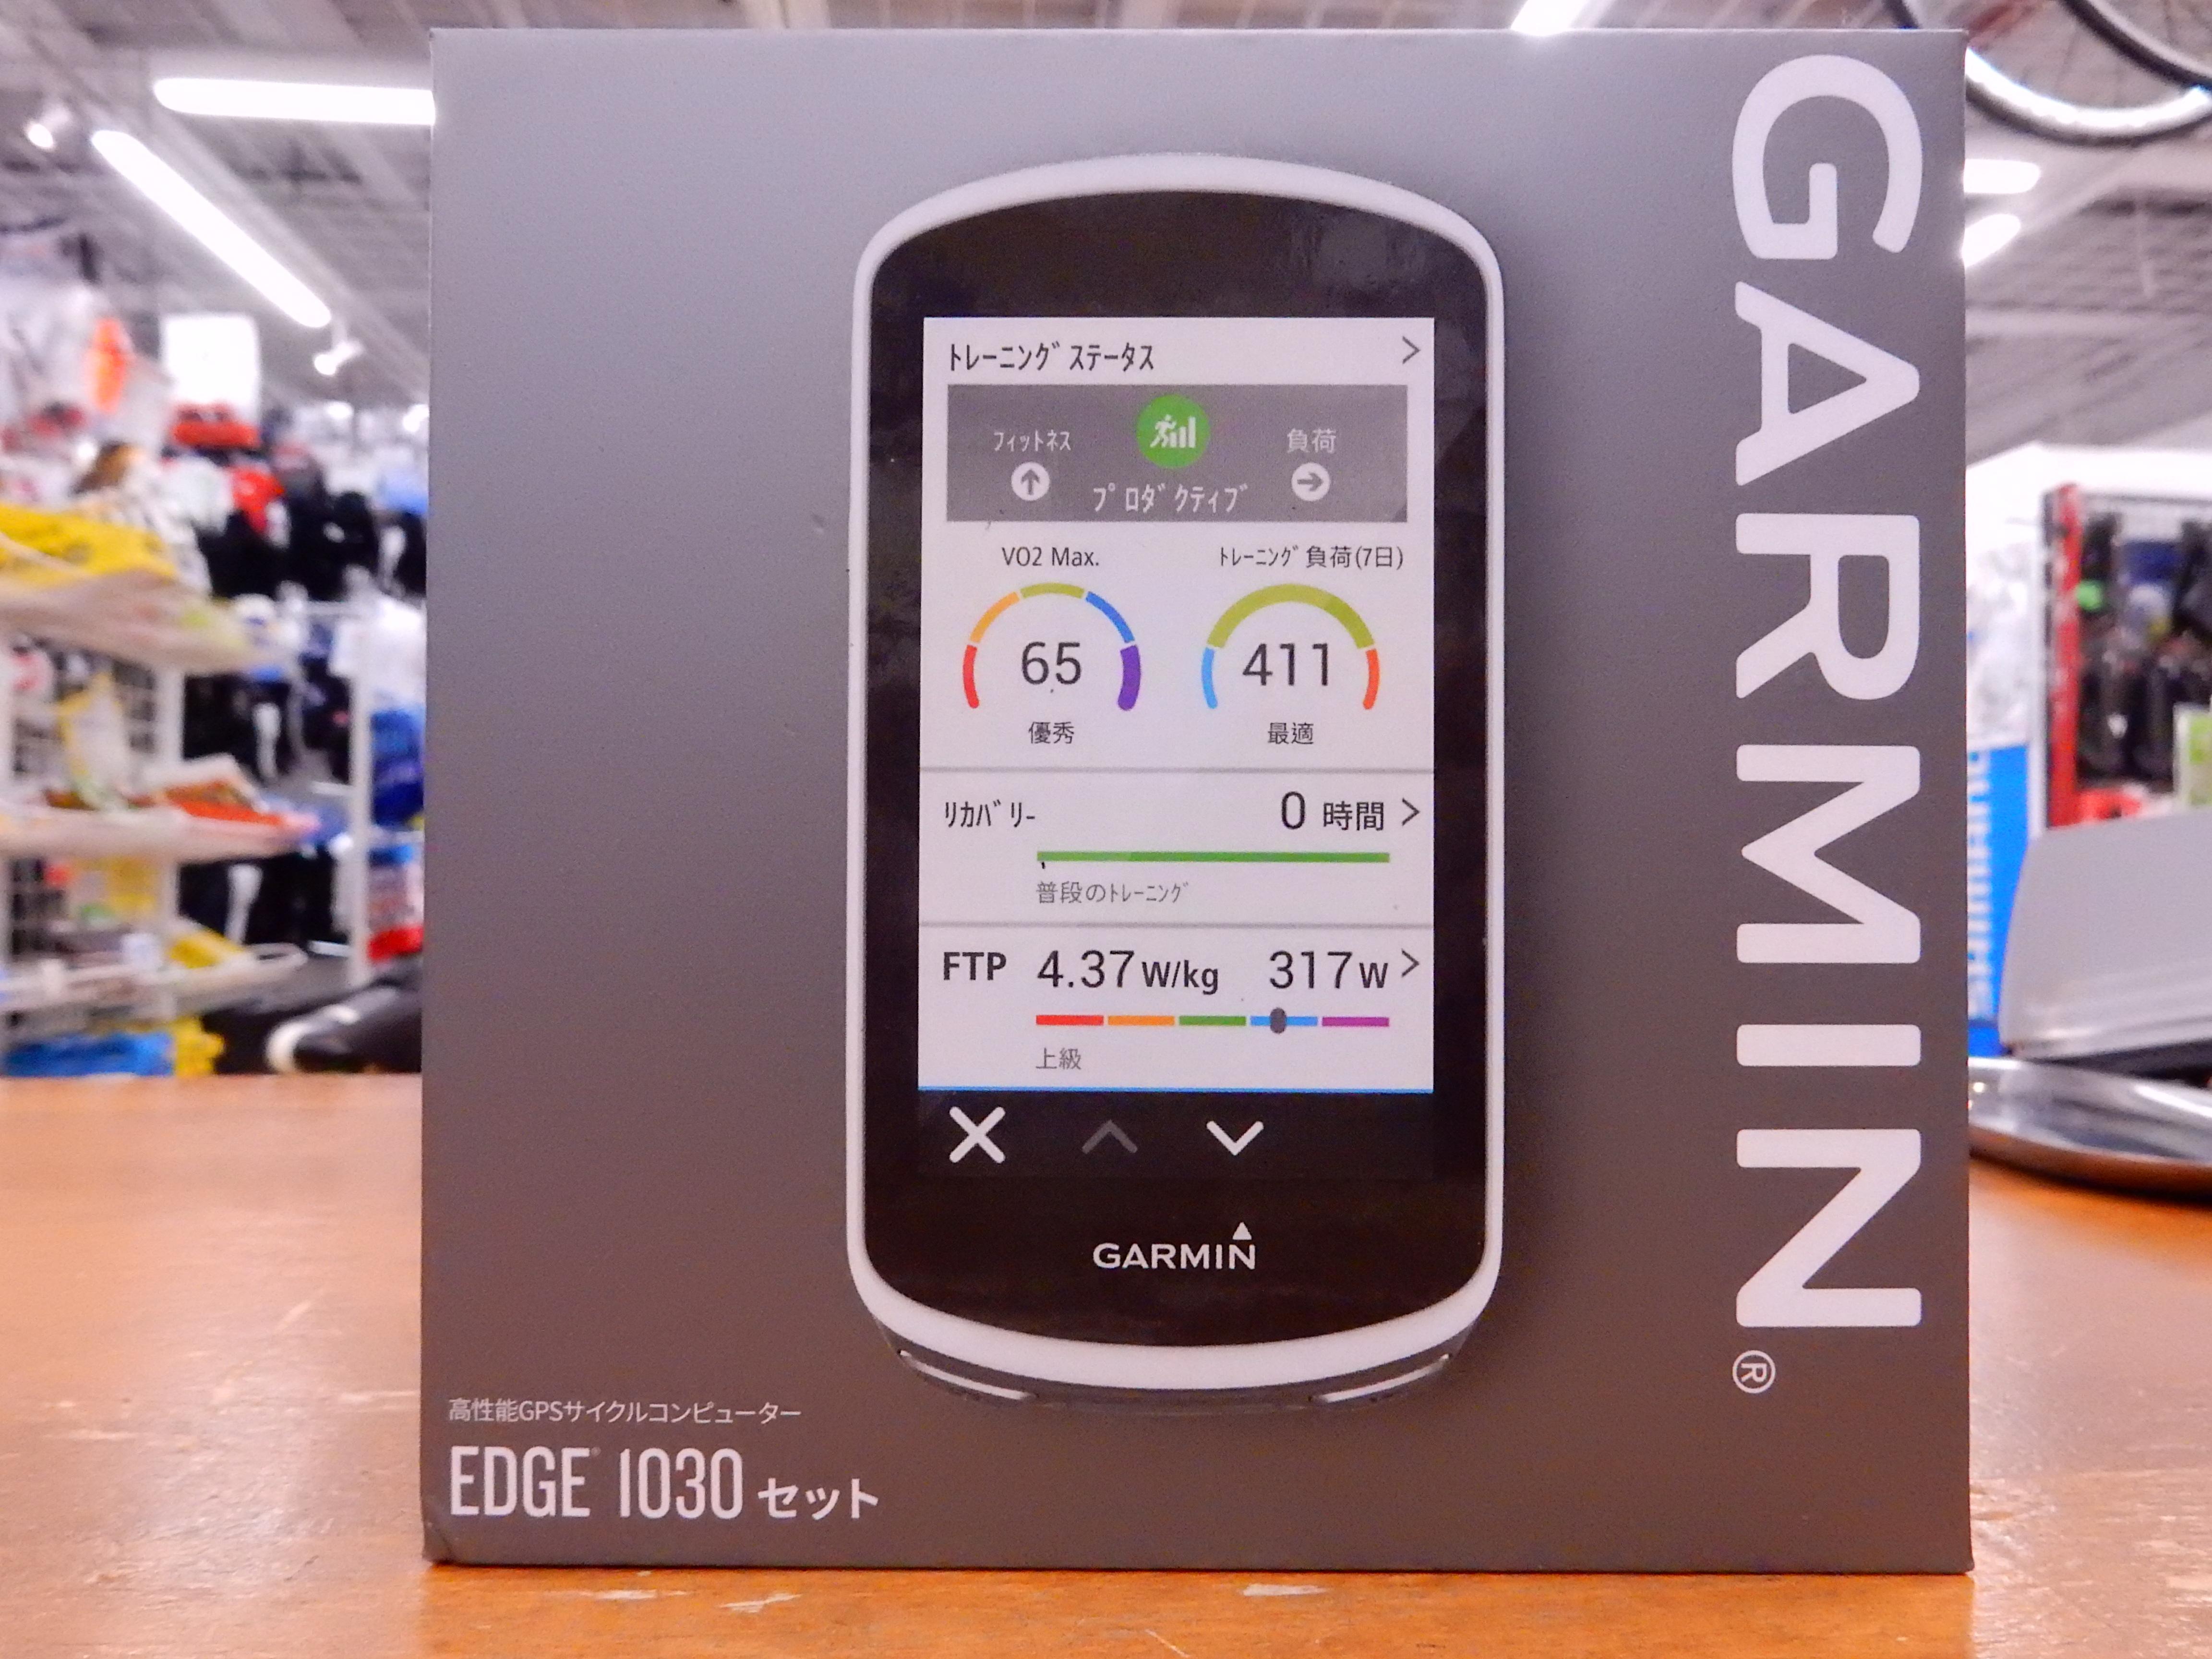 サイクルコンピューターの最高峰GARMIN Edge1030